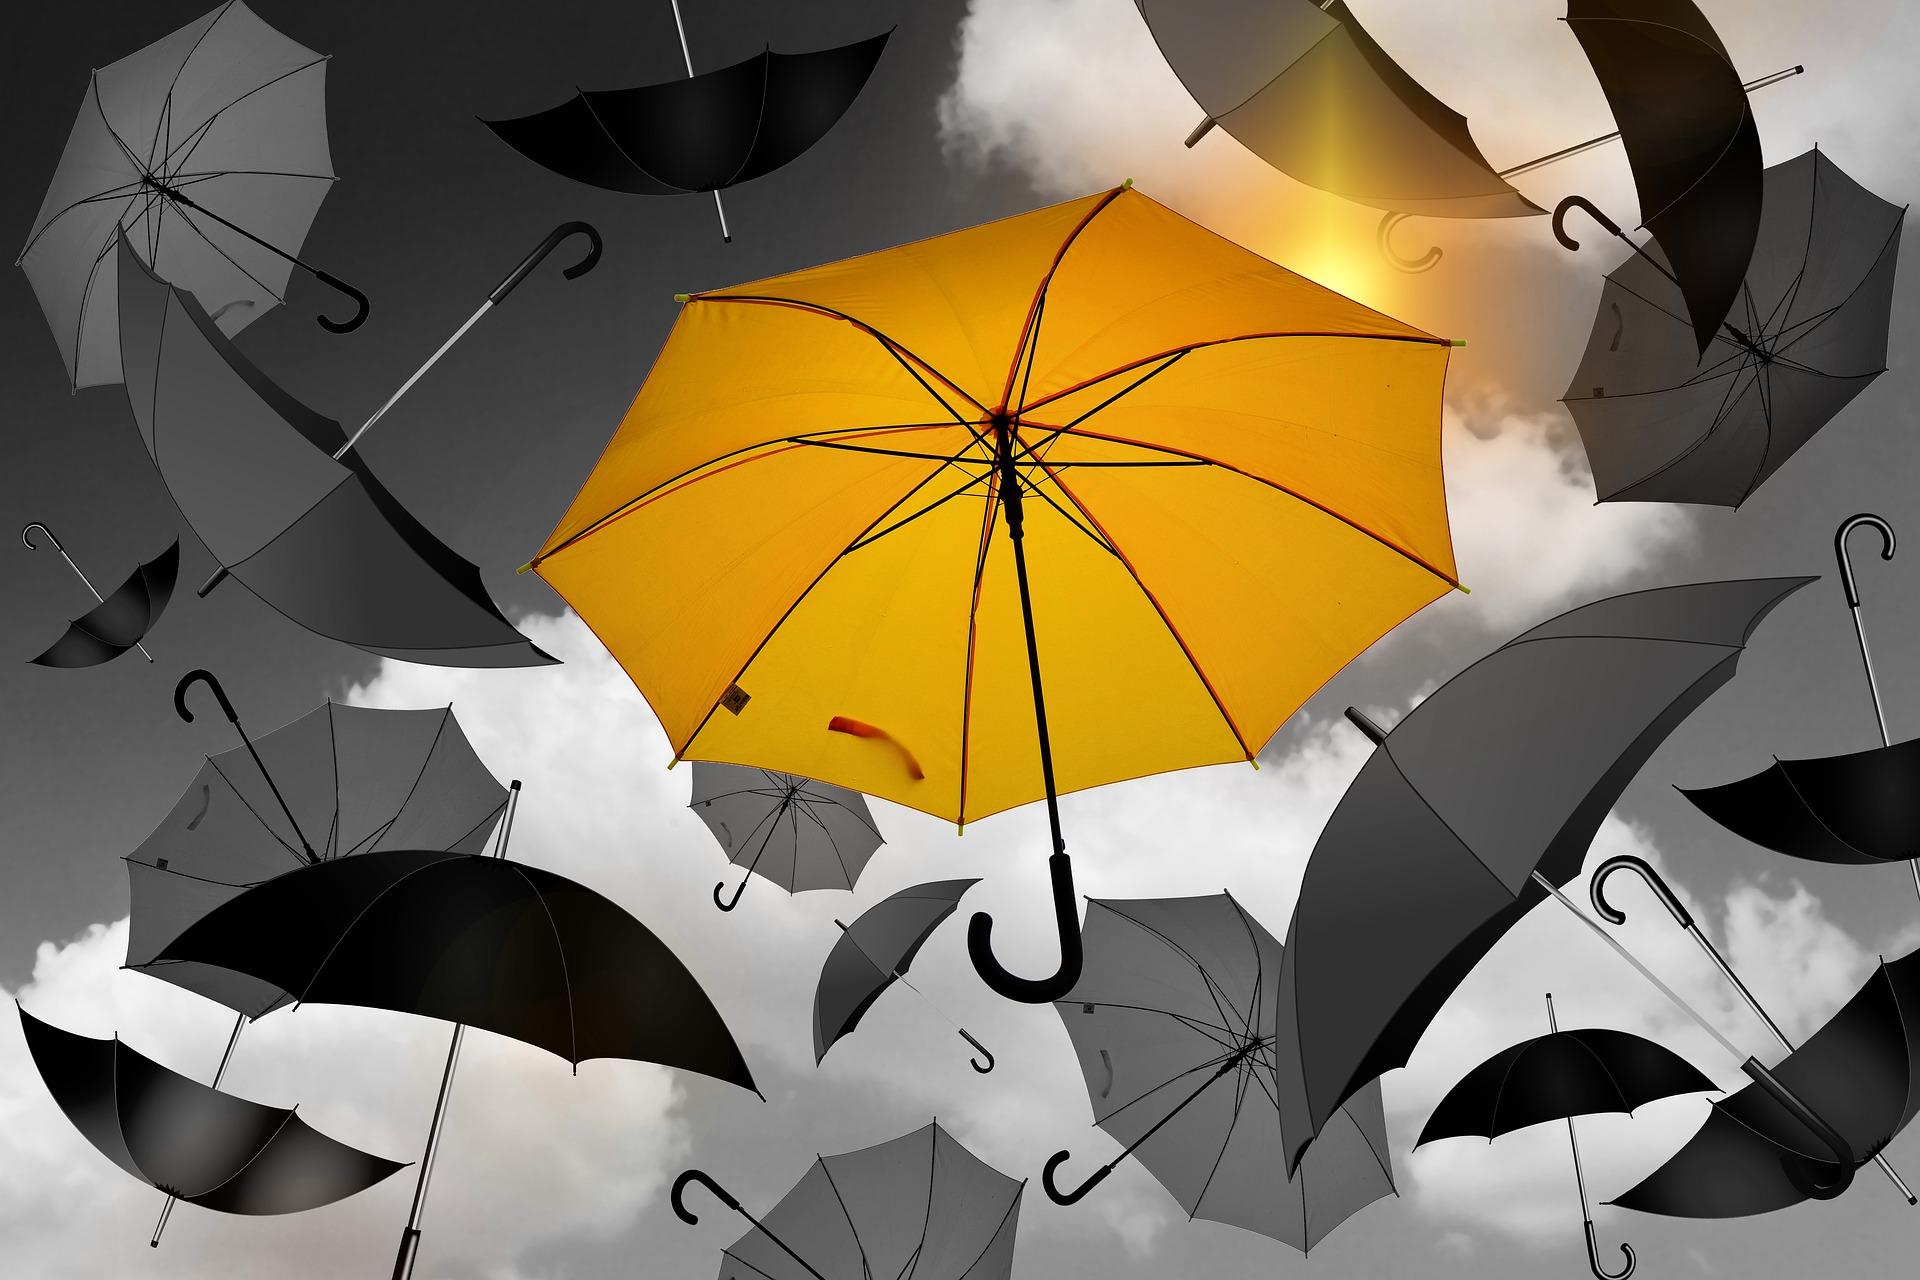 A yellow umbrella among black umbrellas